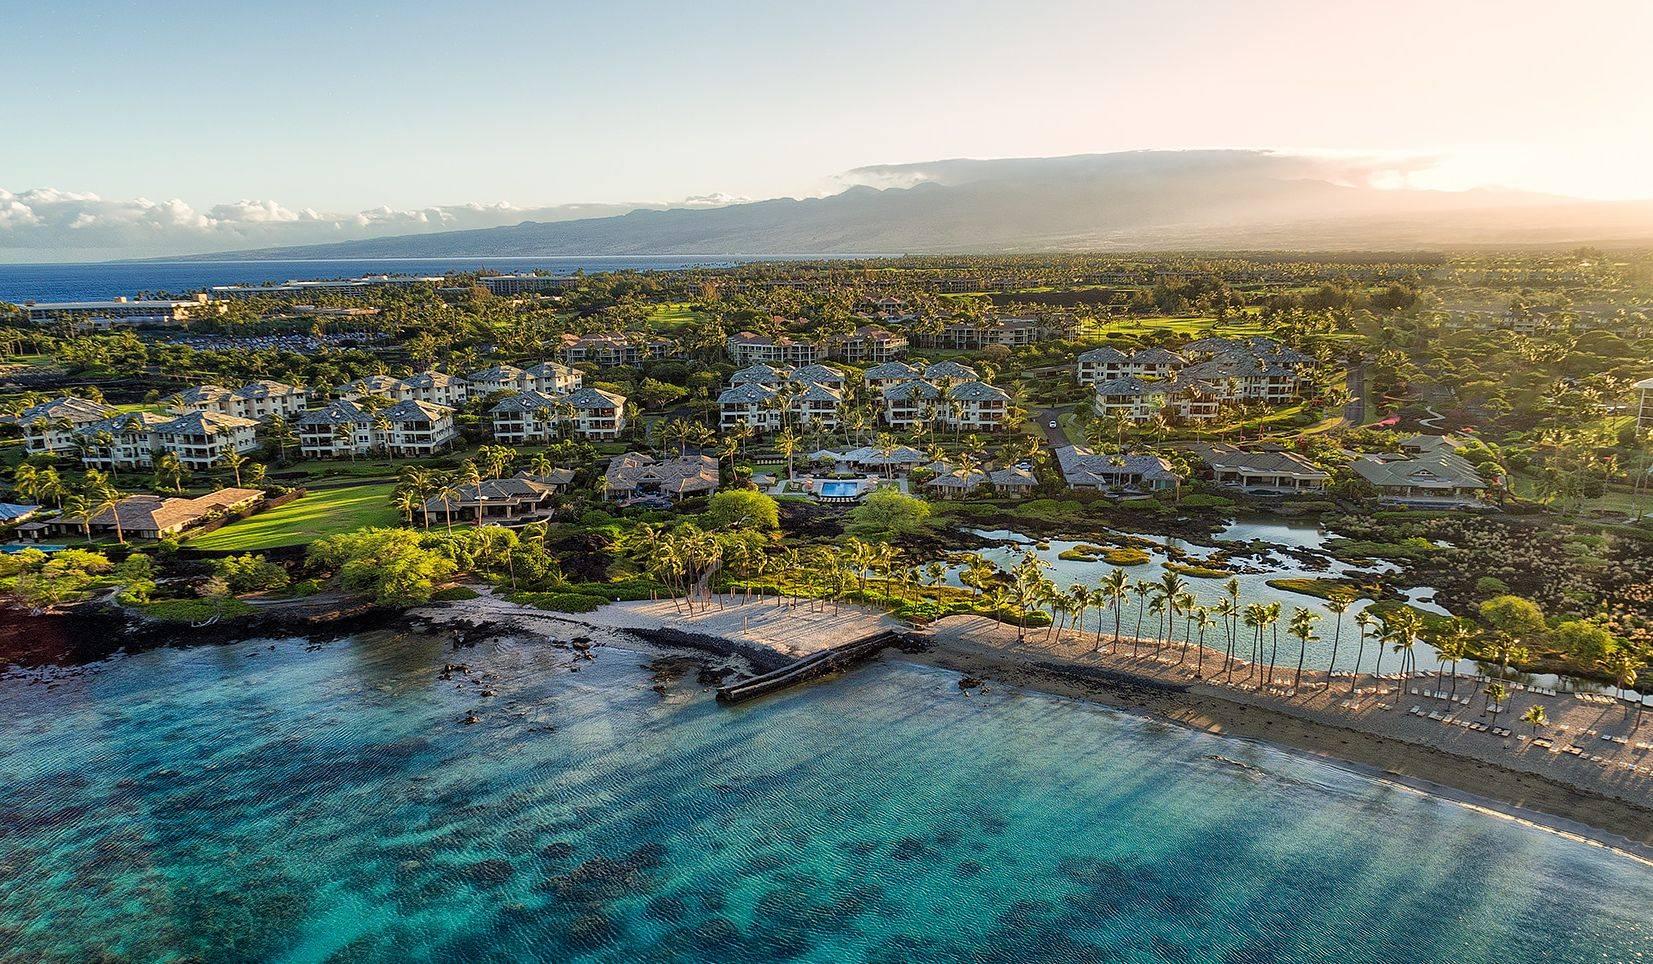 Homes and Condos at Waikoloa Beach Resort